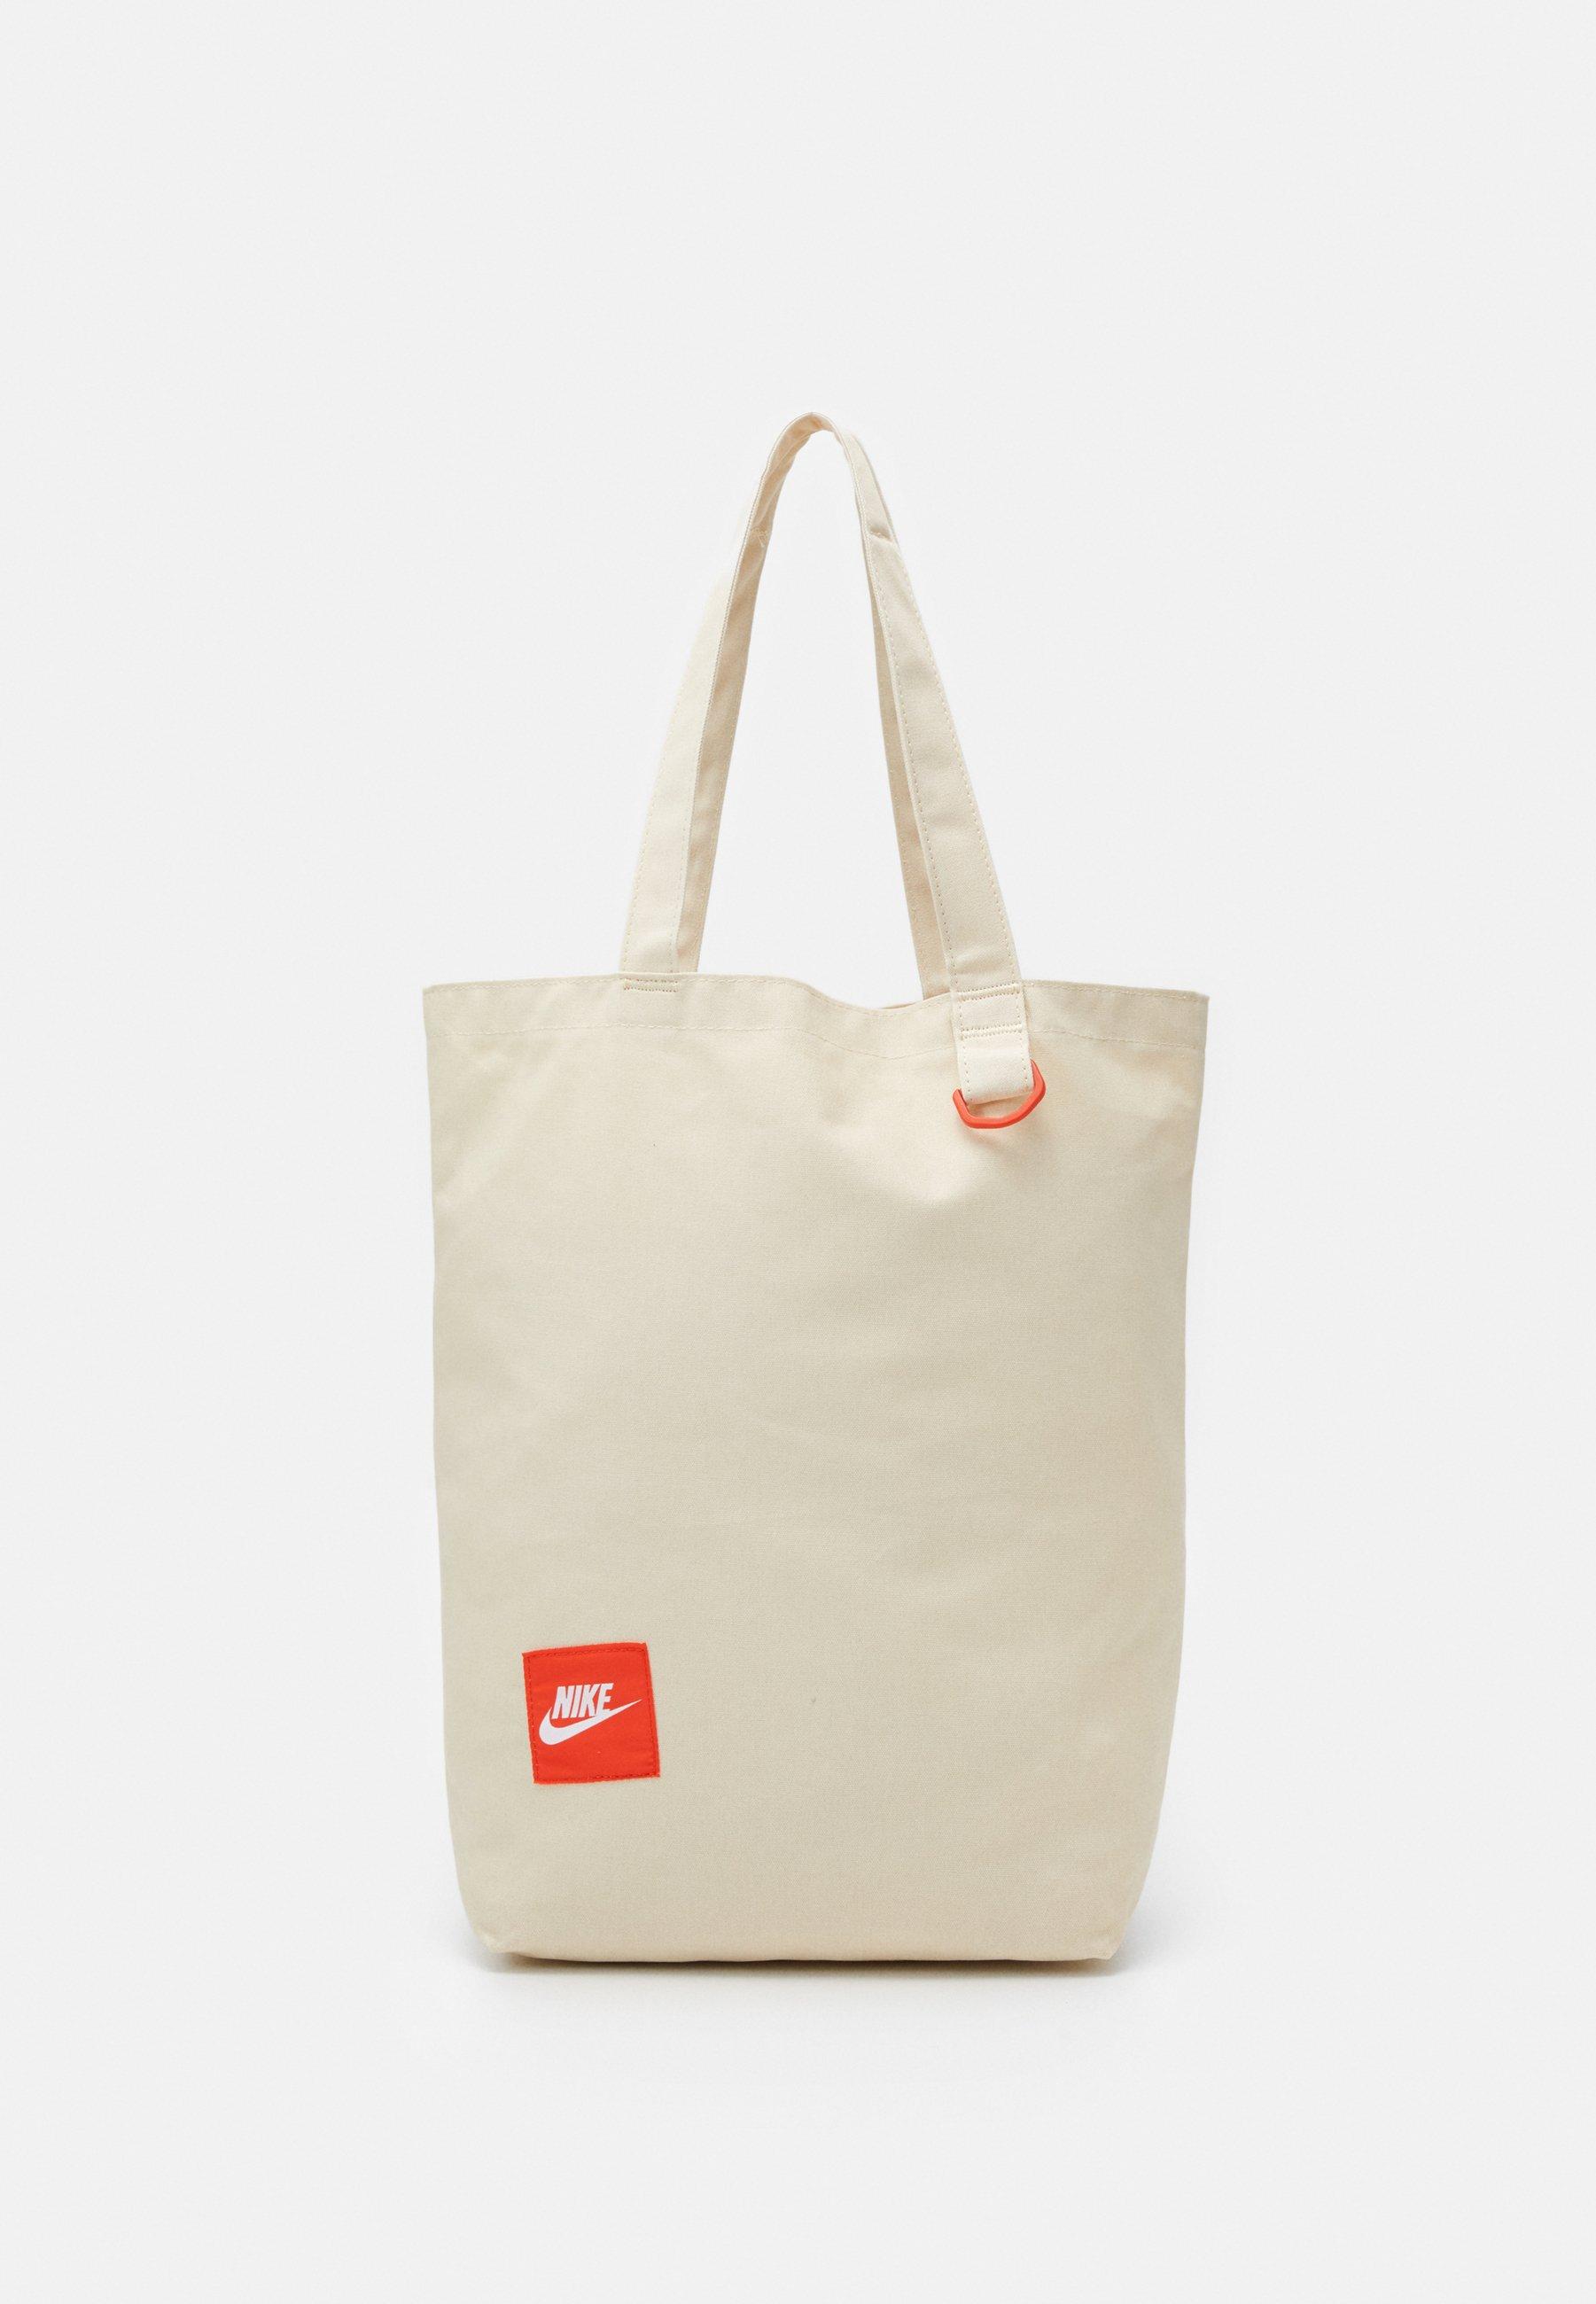 Adidas Originals Väskor | Herr | Köp din herrväska online på